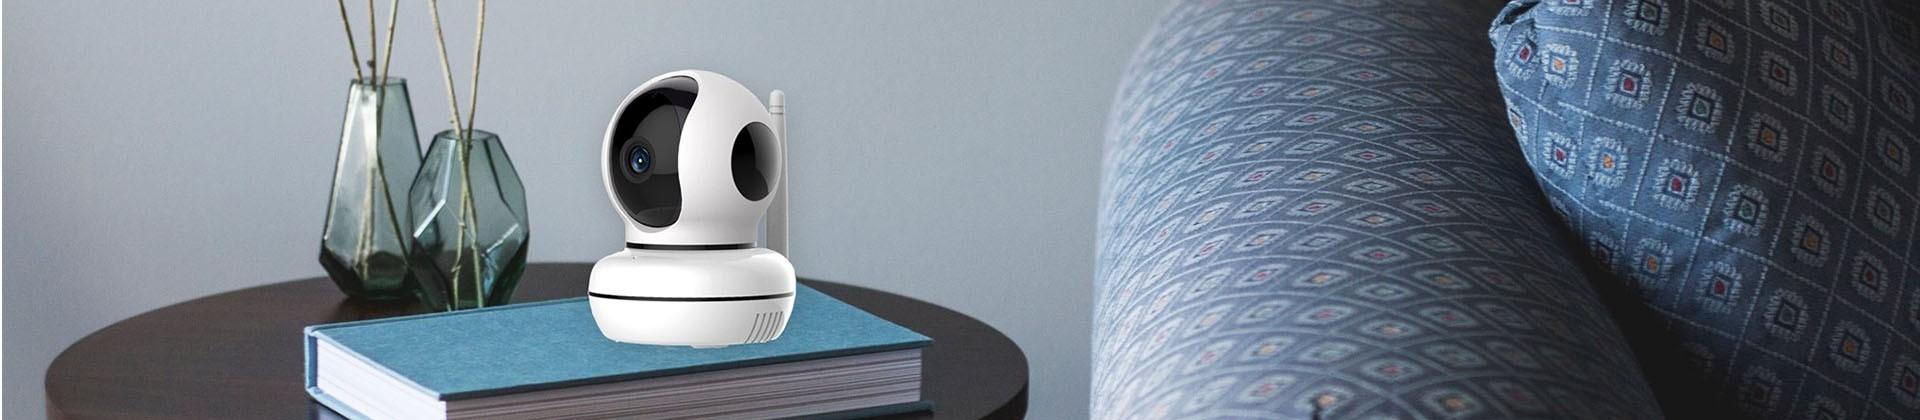 Caméras IP intérieures